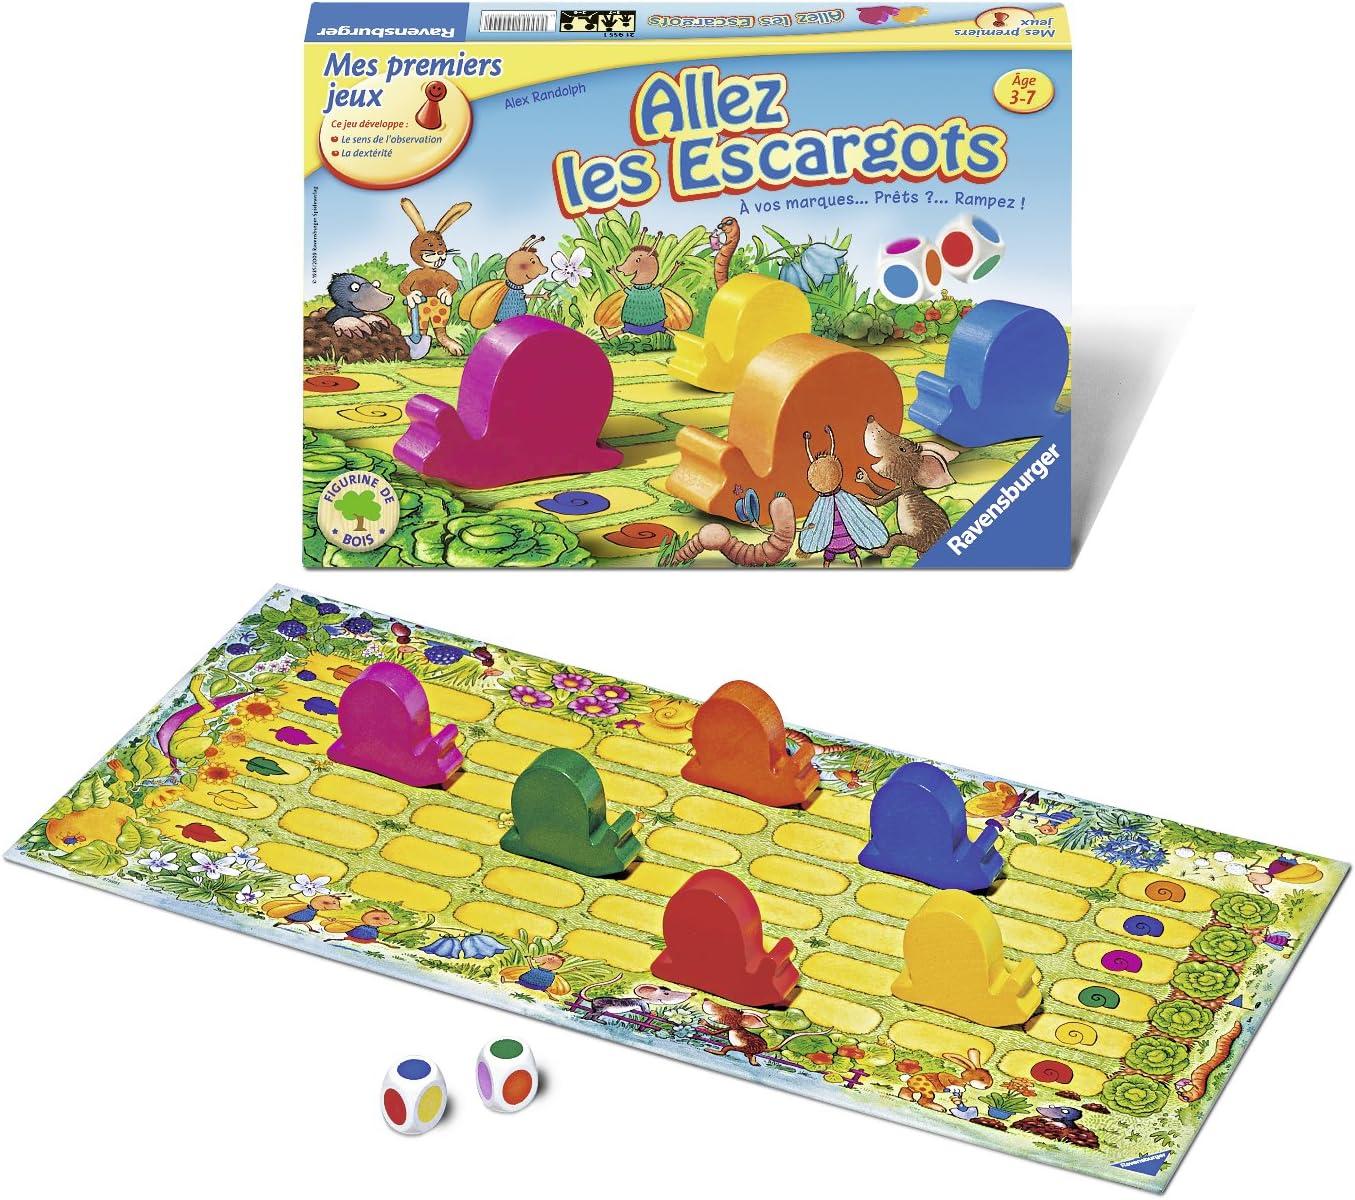 Ravensburger - Juego de Tablero, 2 a 6 Jugadores (21955) (versión en francés): Amazon.es: Juguetes y juegos